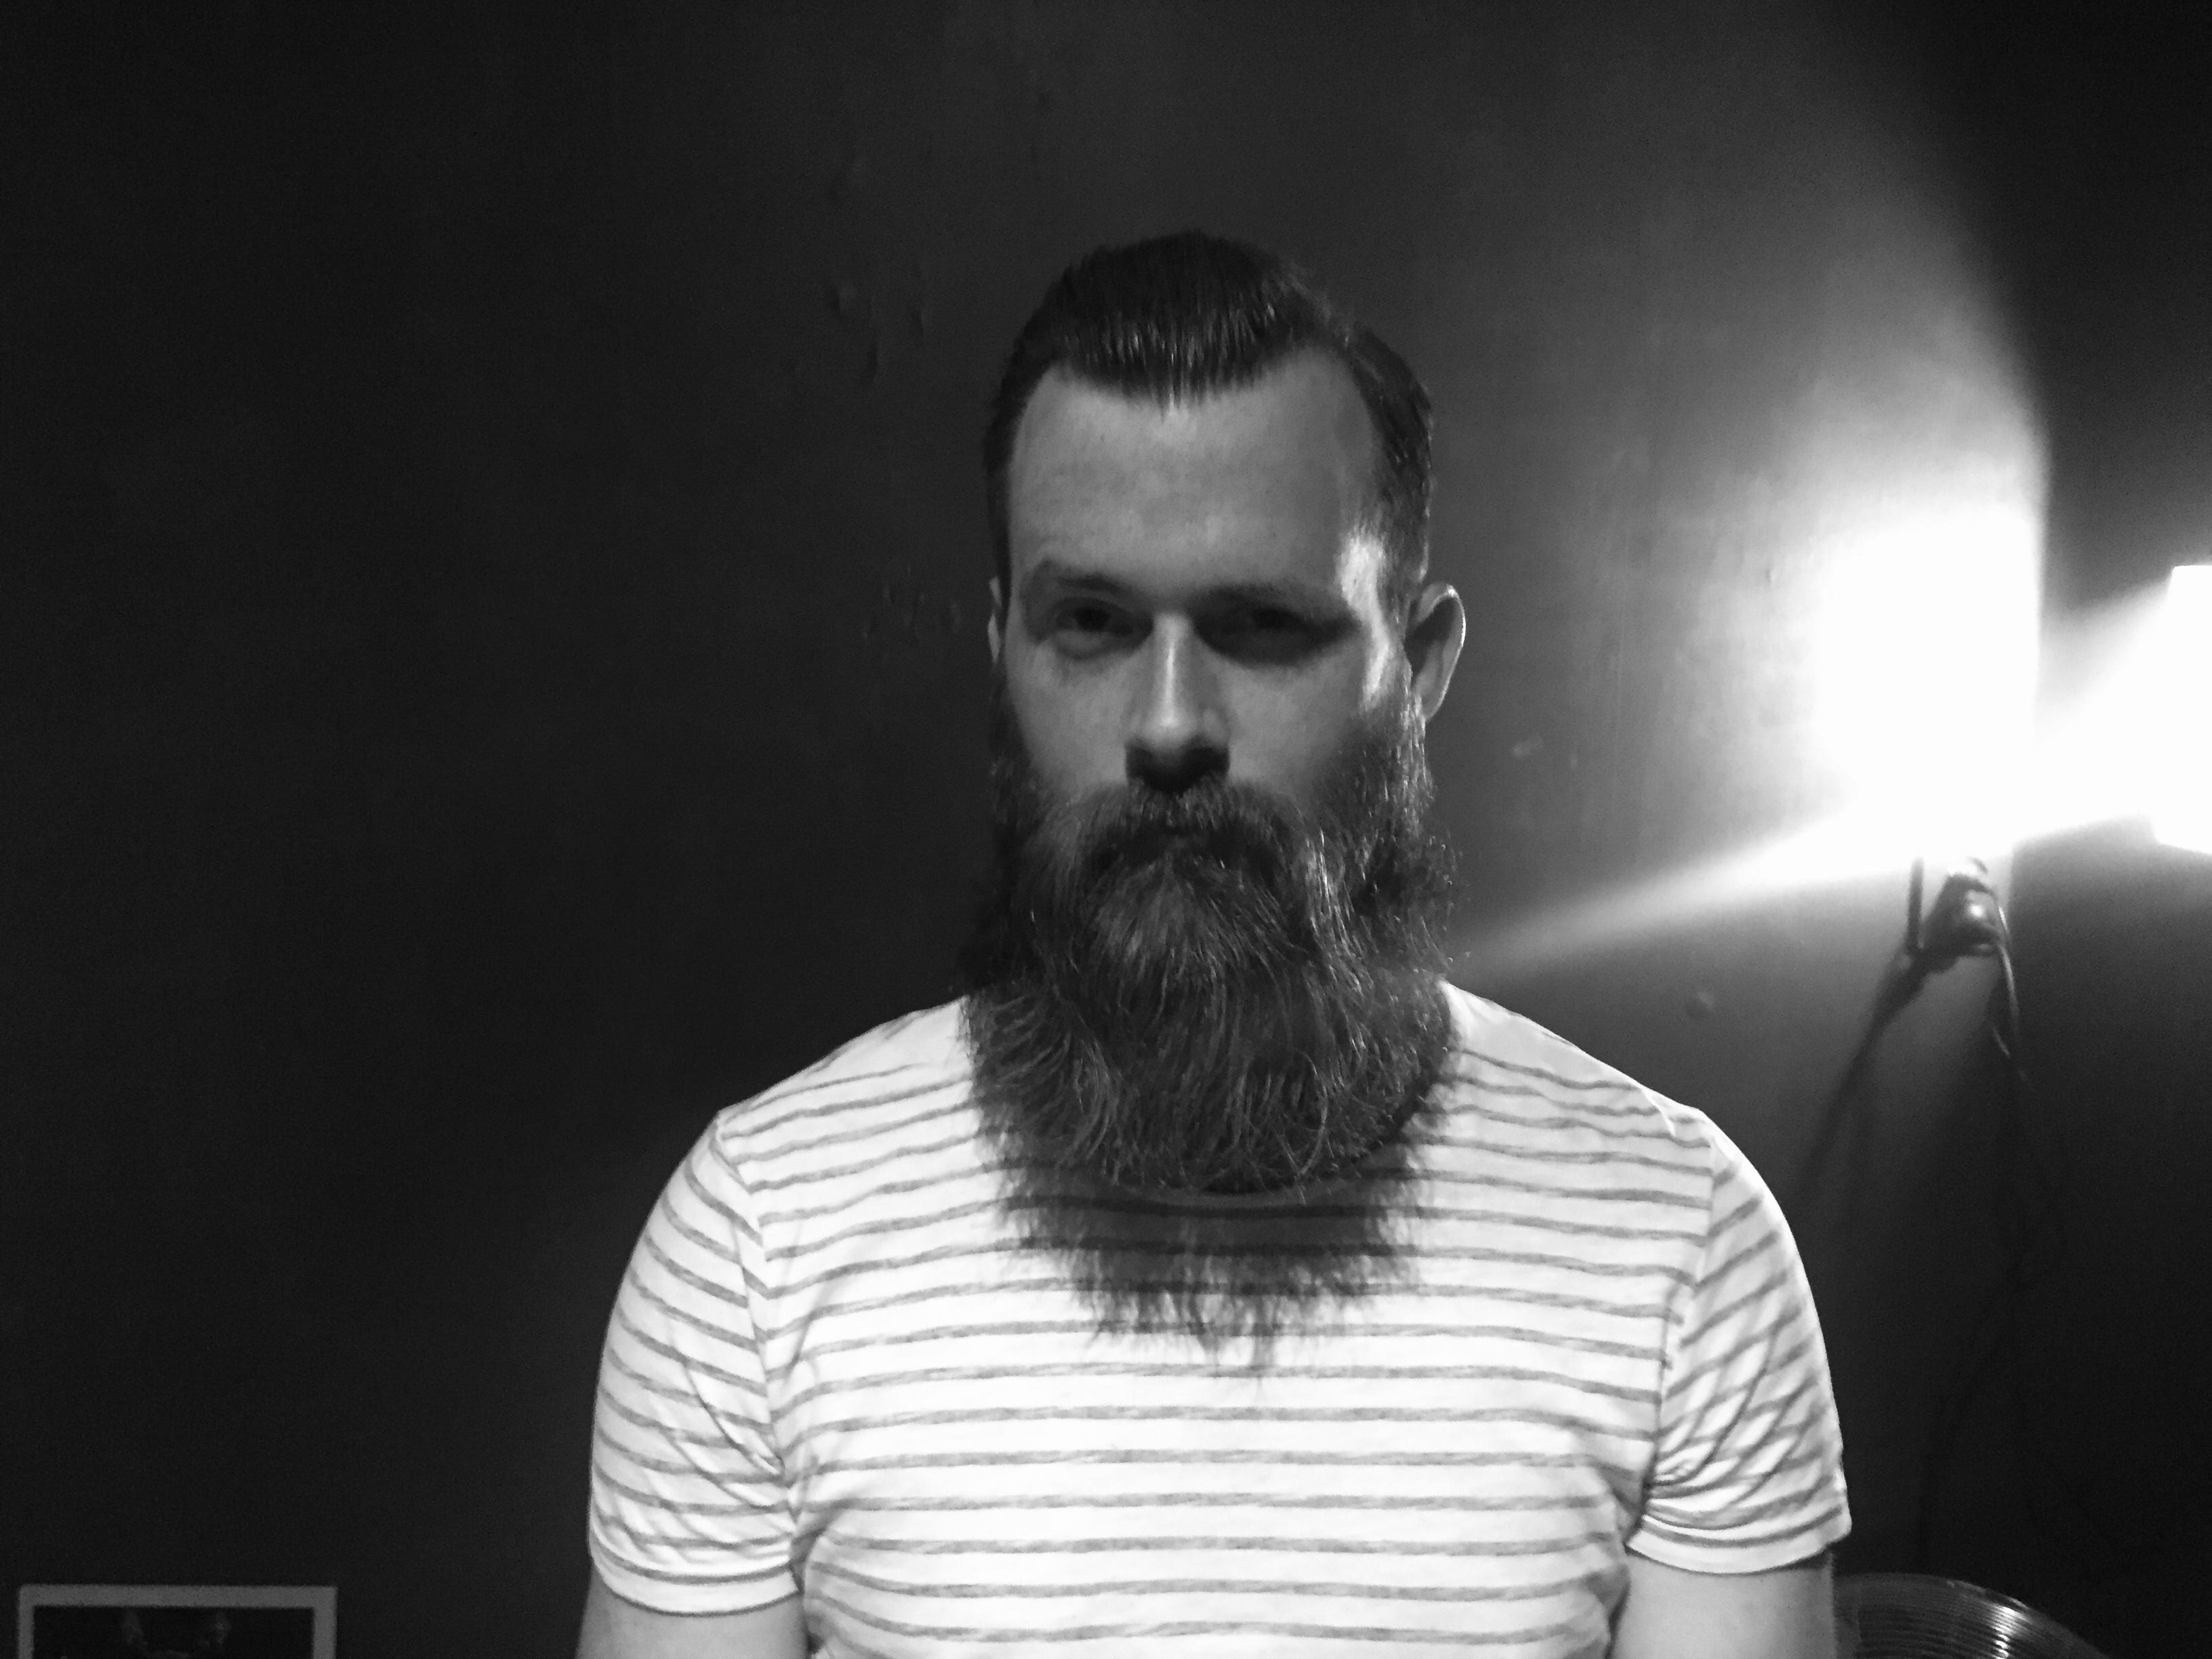 baard trimmen zoetermeer barbier